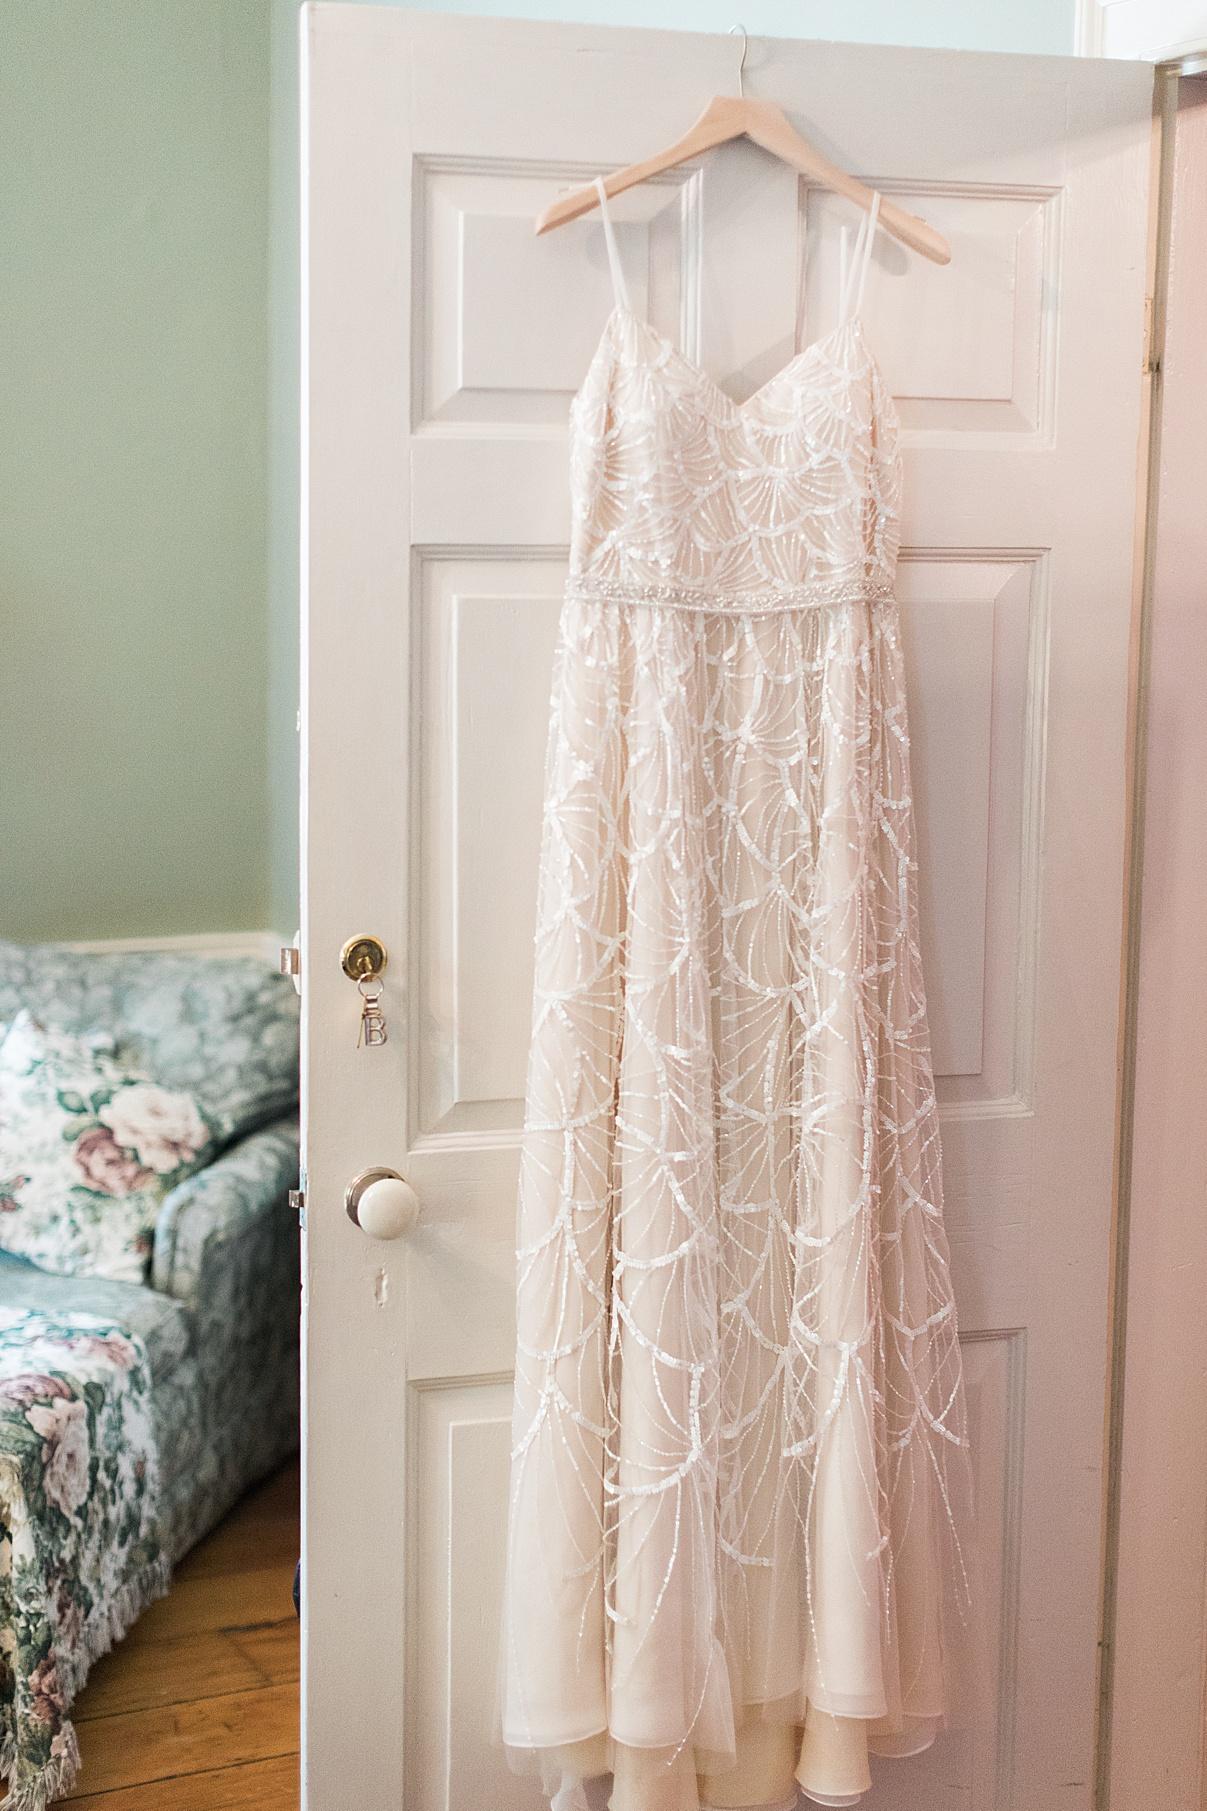 Wedding dress hanging on door | Balls Falls, Ontario Wedding| Ontario Wedding Photographer| Toronto Wedding Photographer| 3Photography|3photography.ca